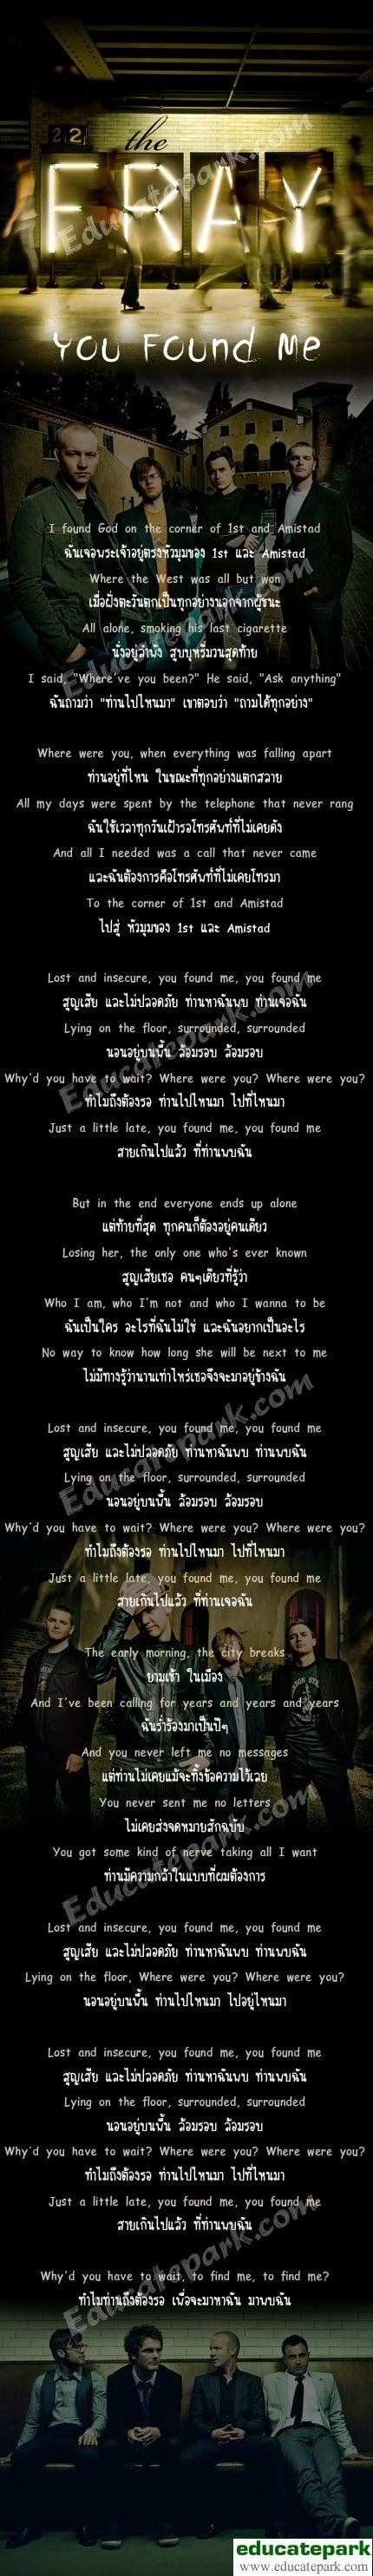 แปลเพลง You Found Me - The Fray